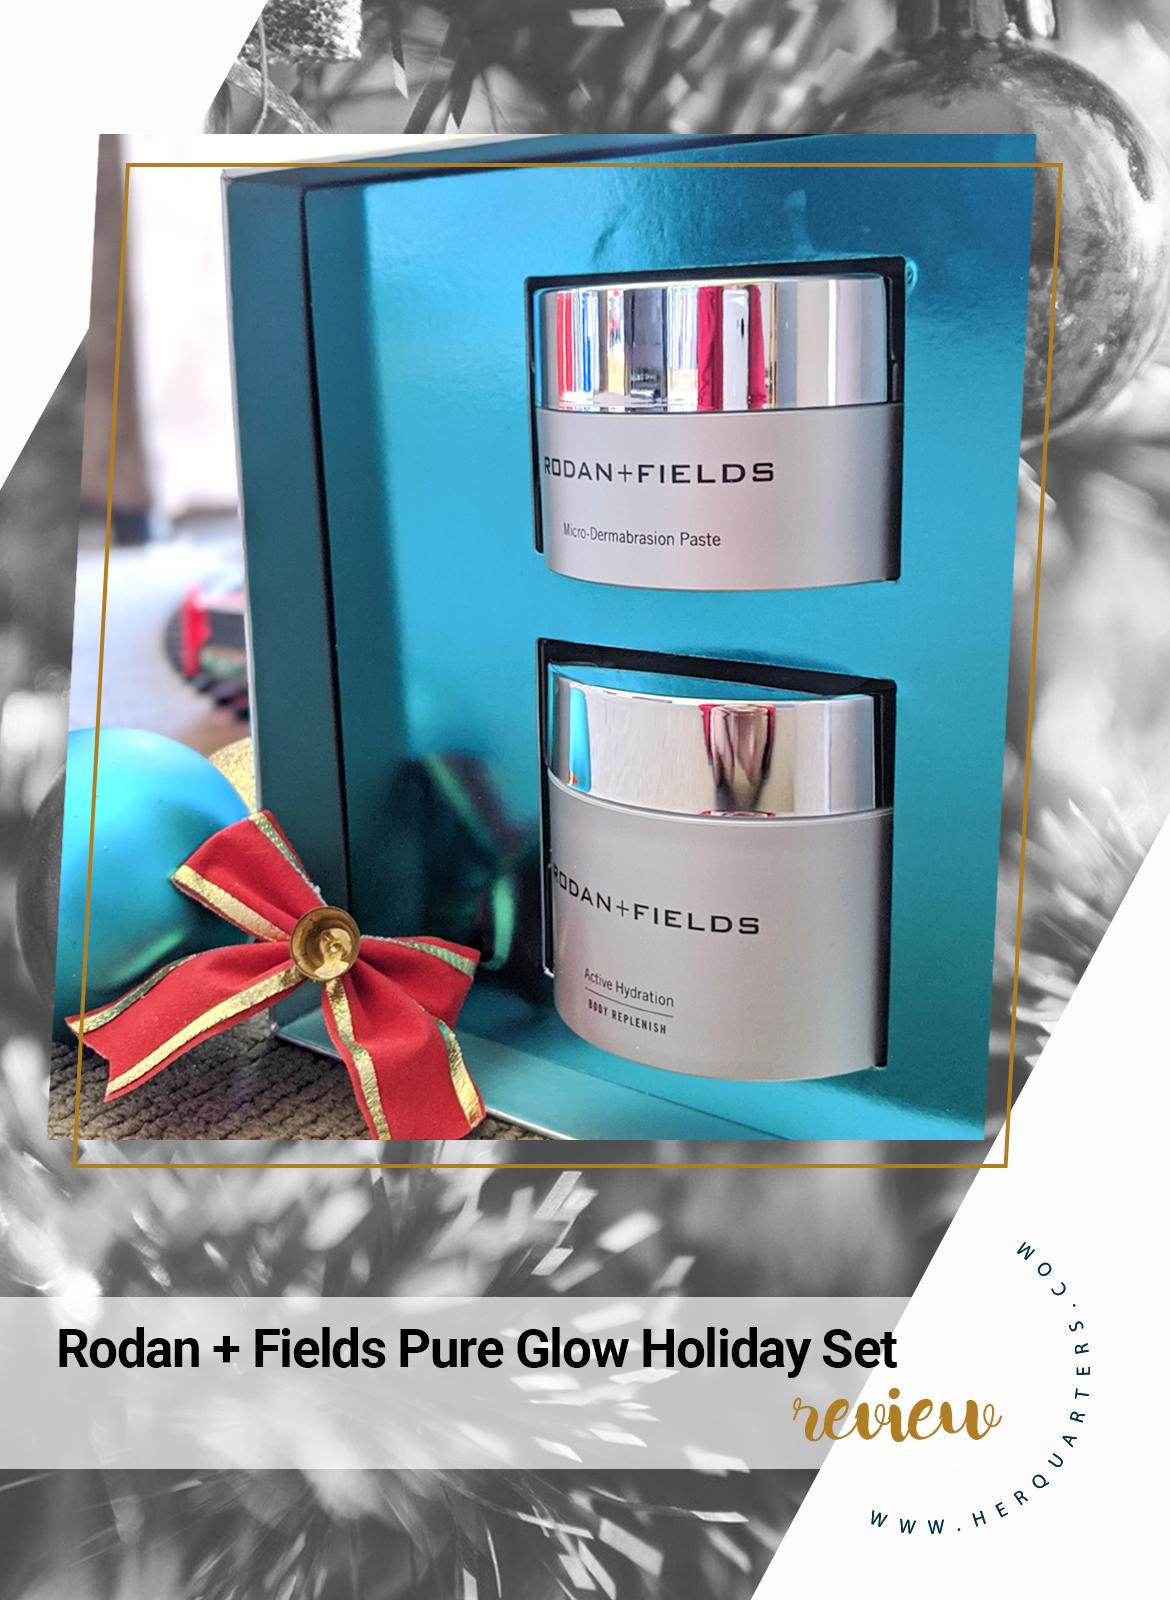 Rodan + Fields Pinterest